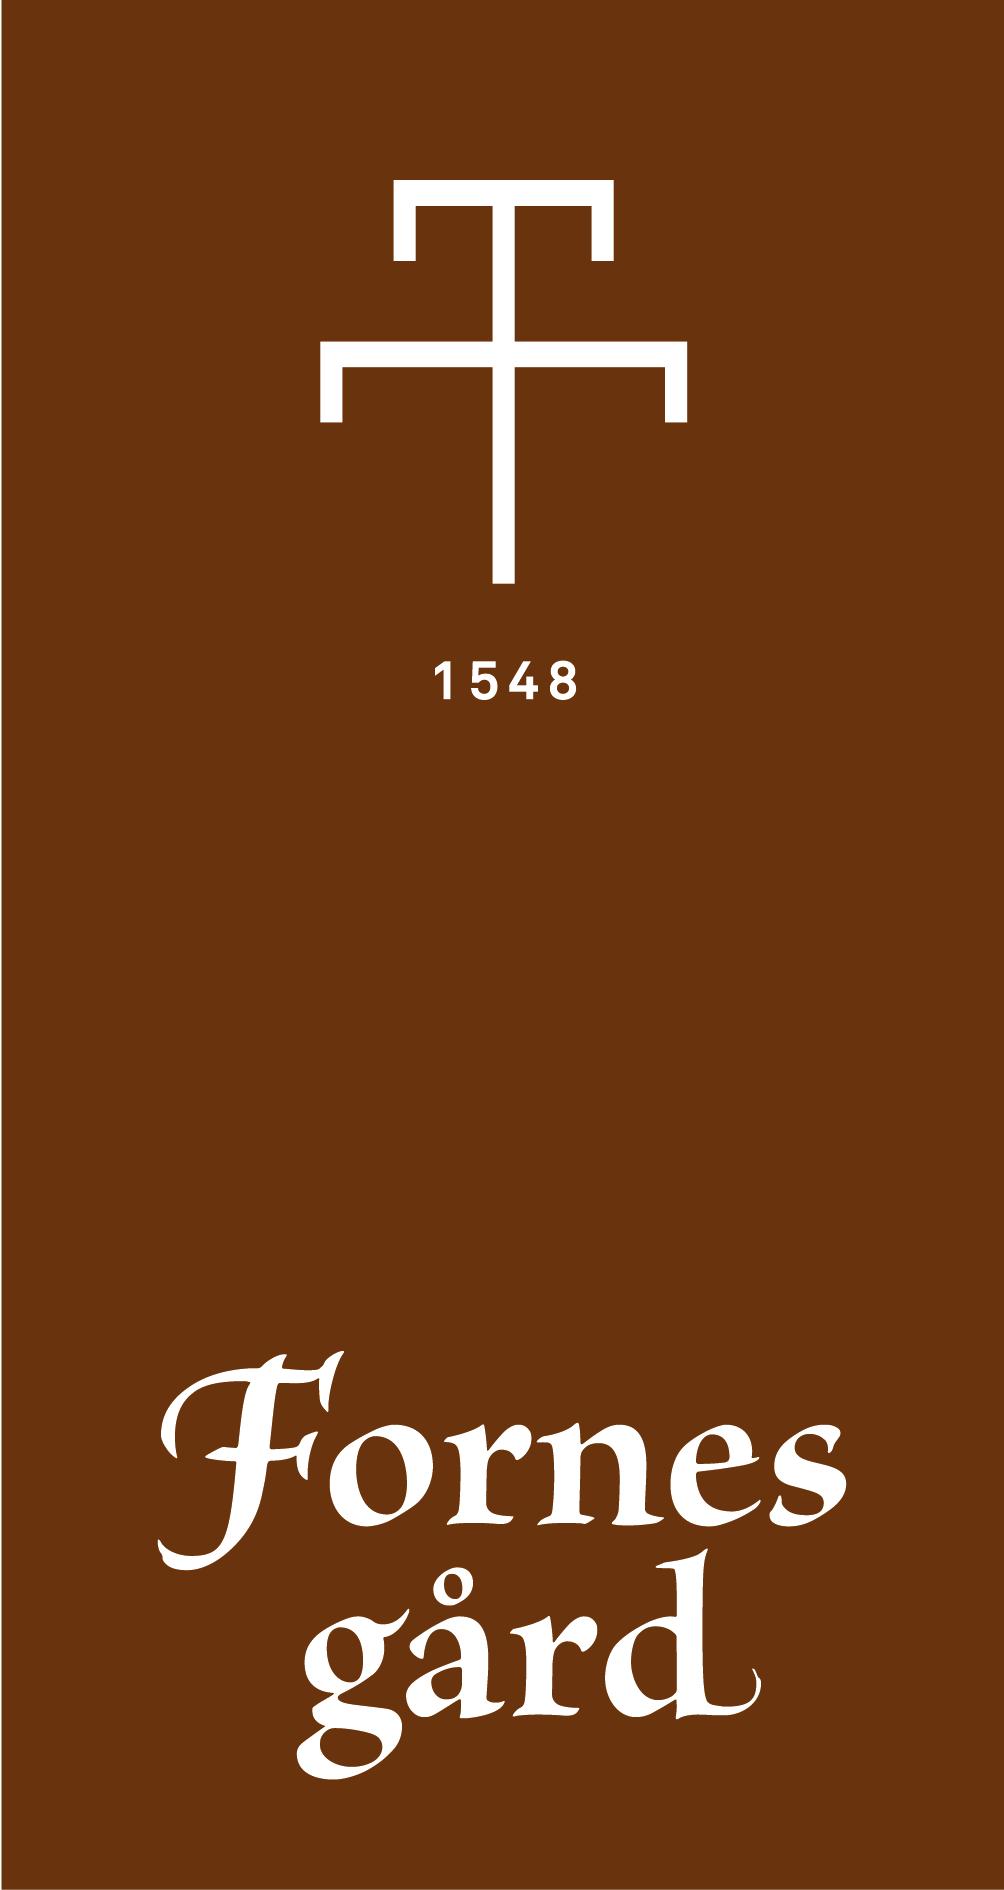 fornes gård logoer høy-03.png